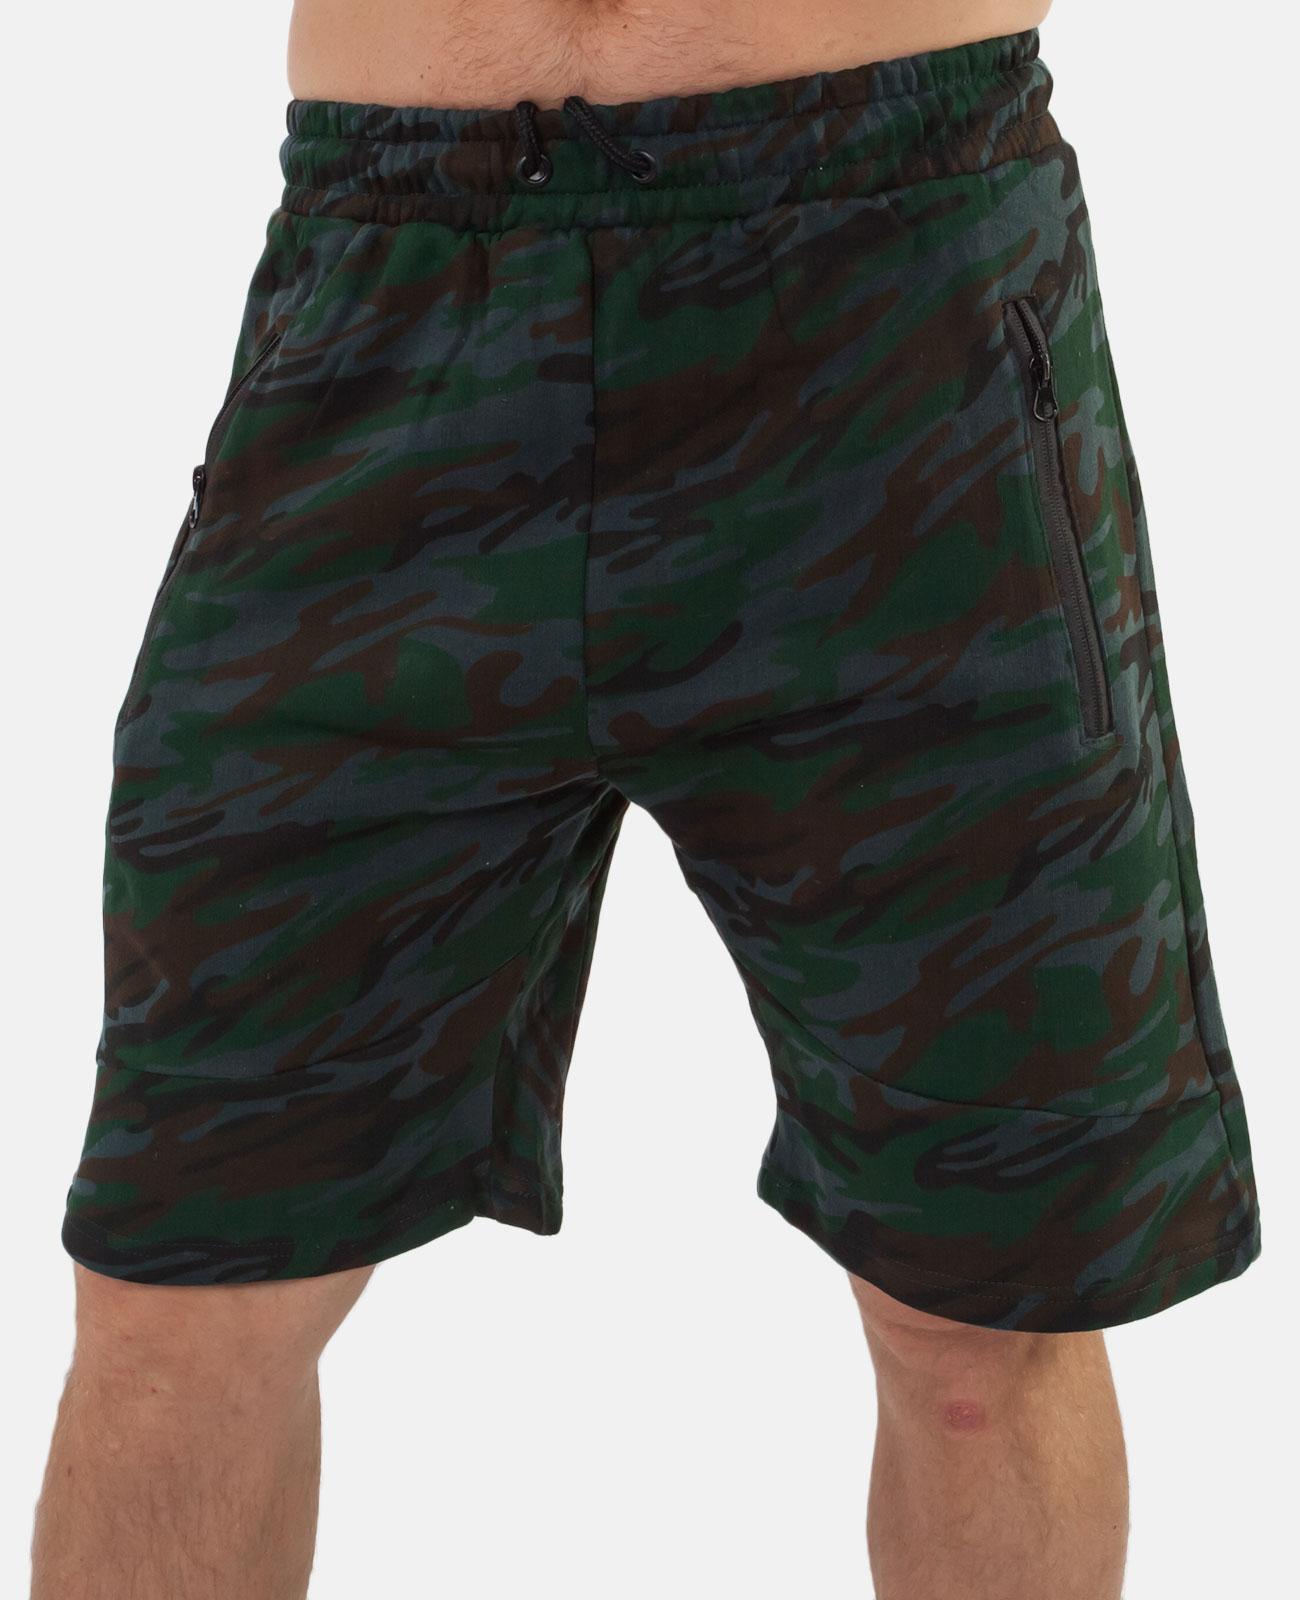 Купить в Москве недорогие мужские шорты от бренда New York Athletics